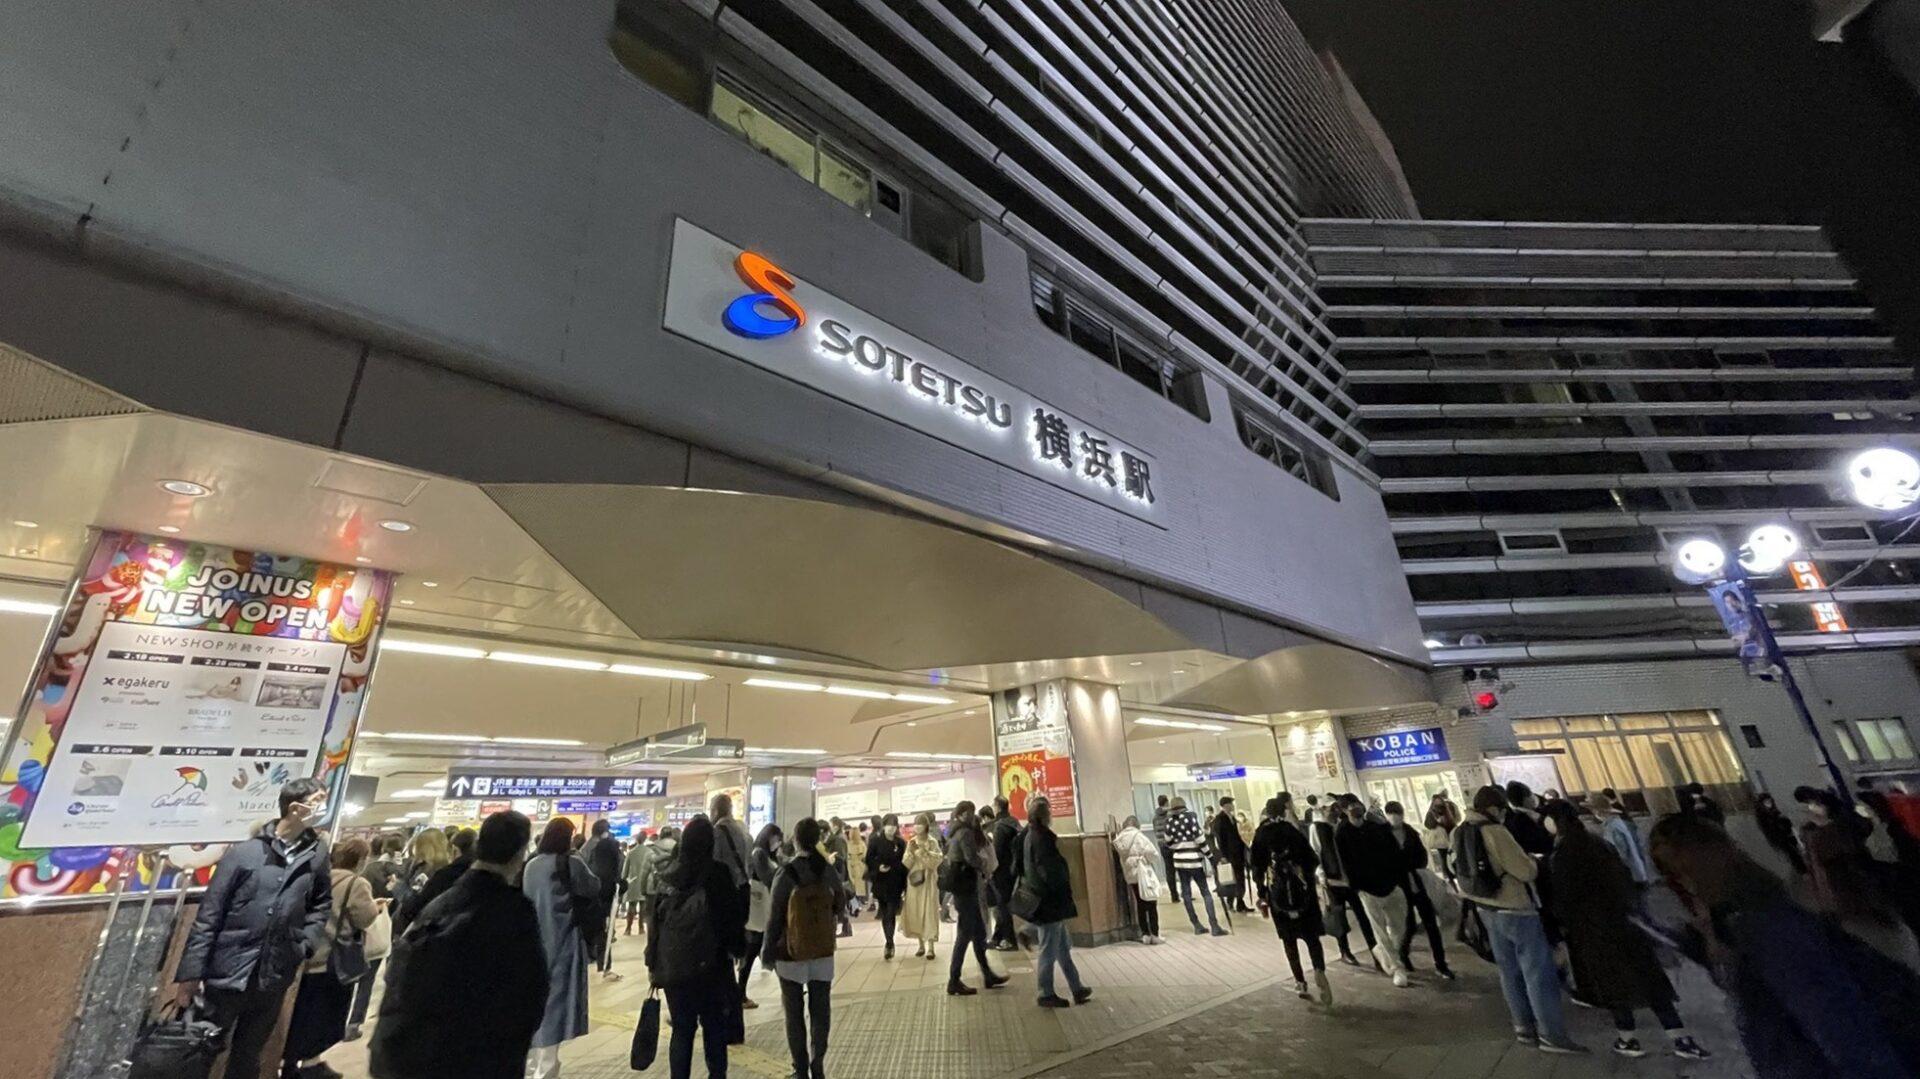 横浜駅 みなみ西口